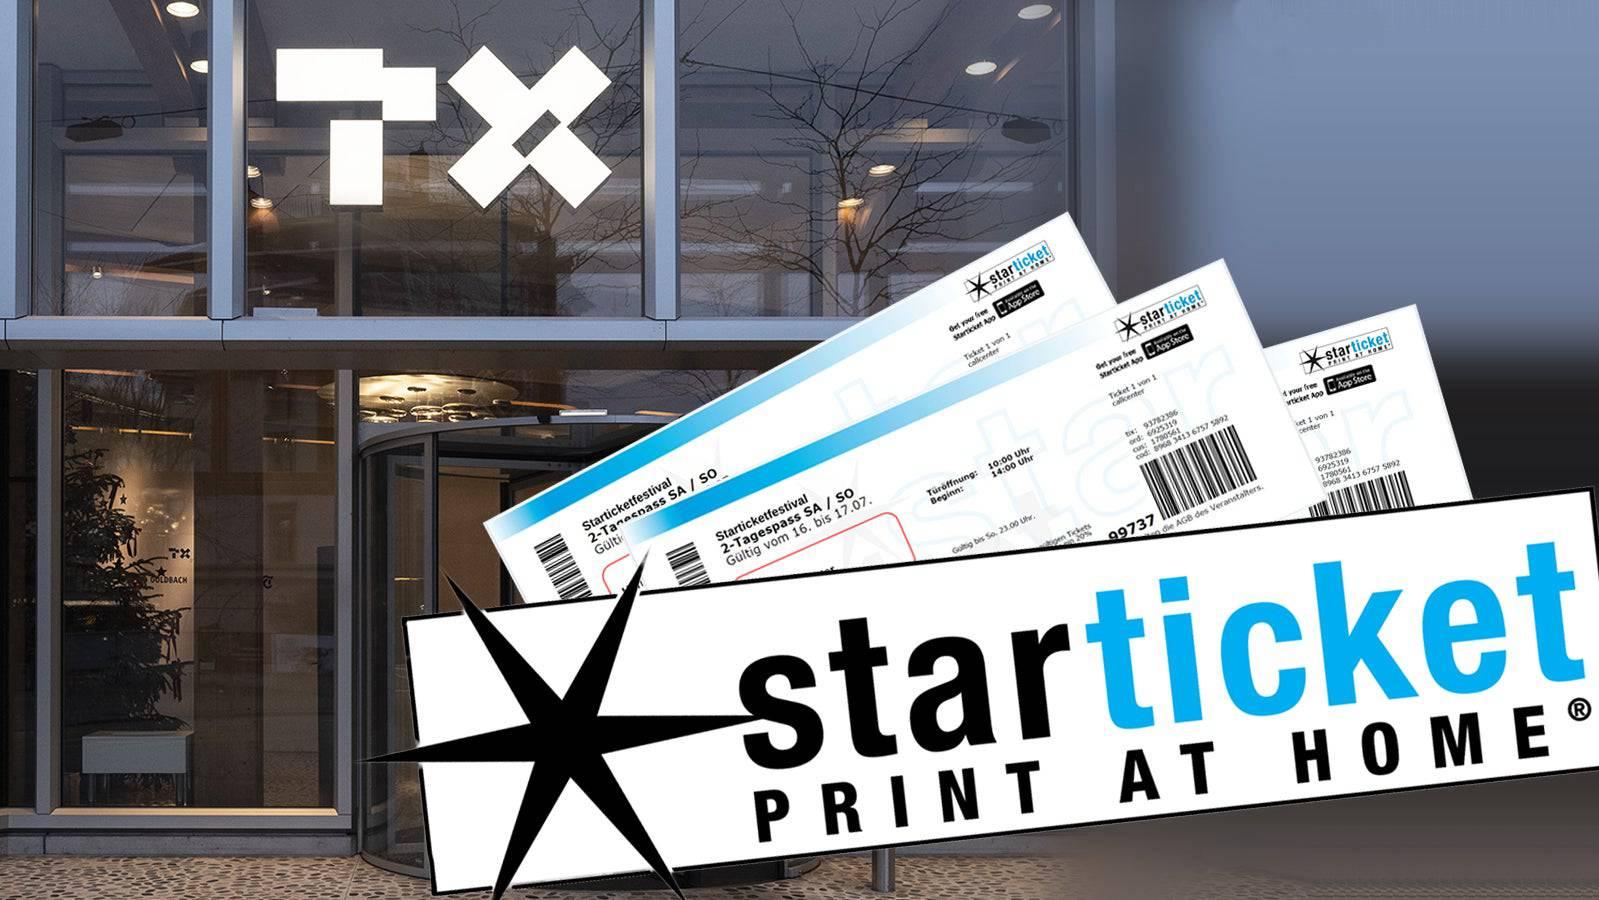 Wird ausländische: Die Zürcher TX Group, welche unter anderem den «Tages-Anzeiger» herausgibt, verkauft den Ticketanbieter Starticket nach England.